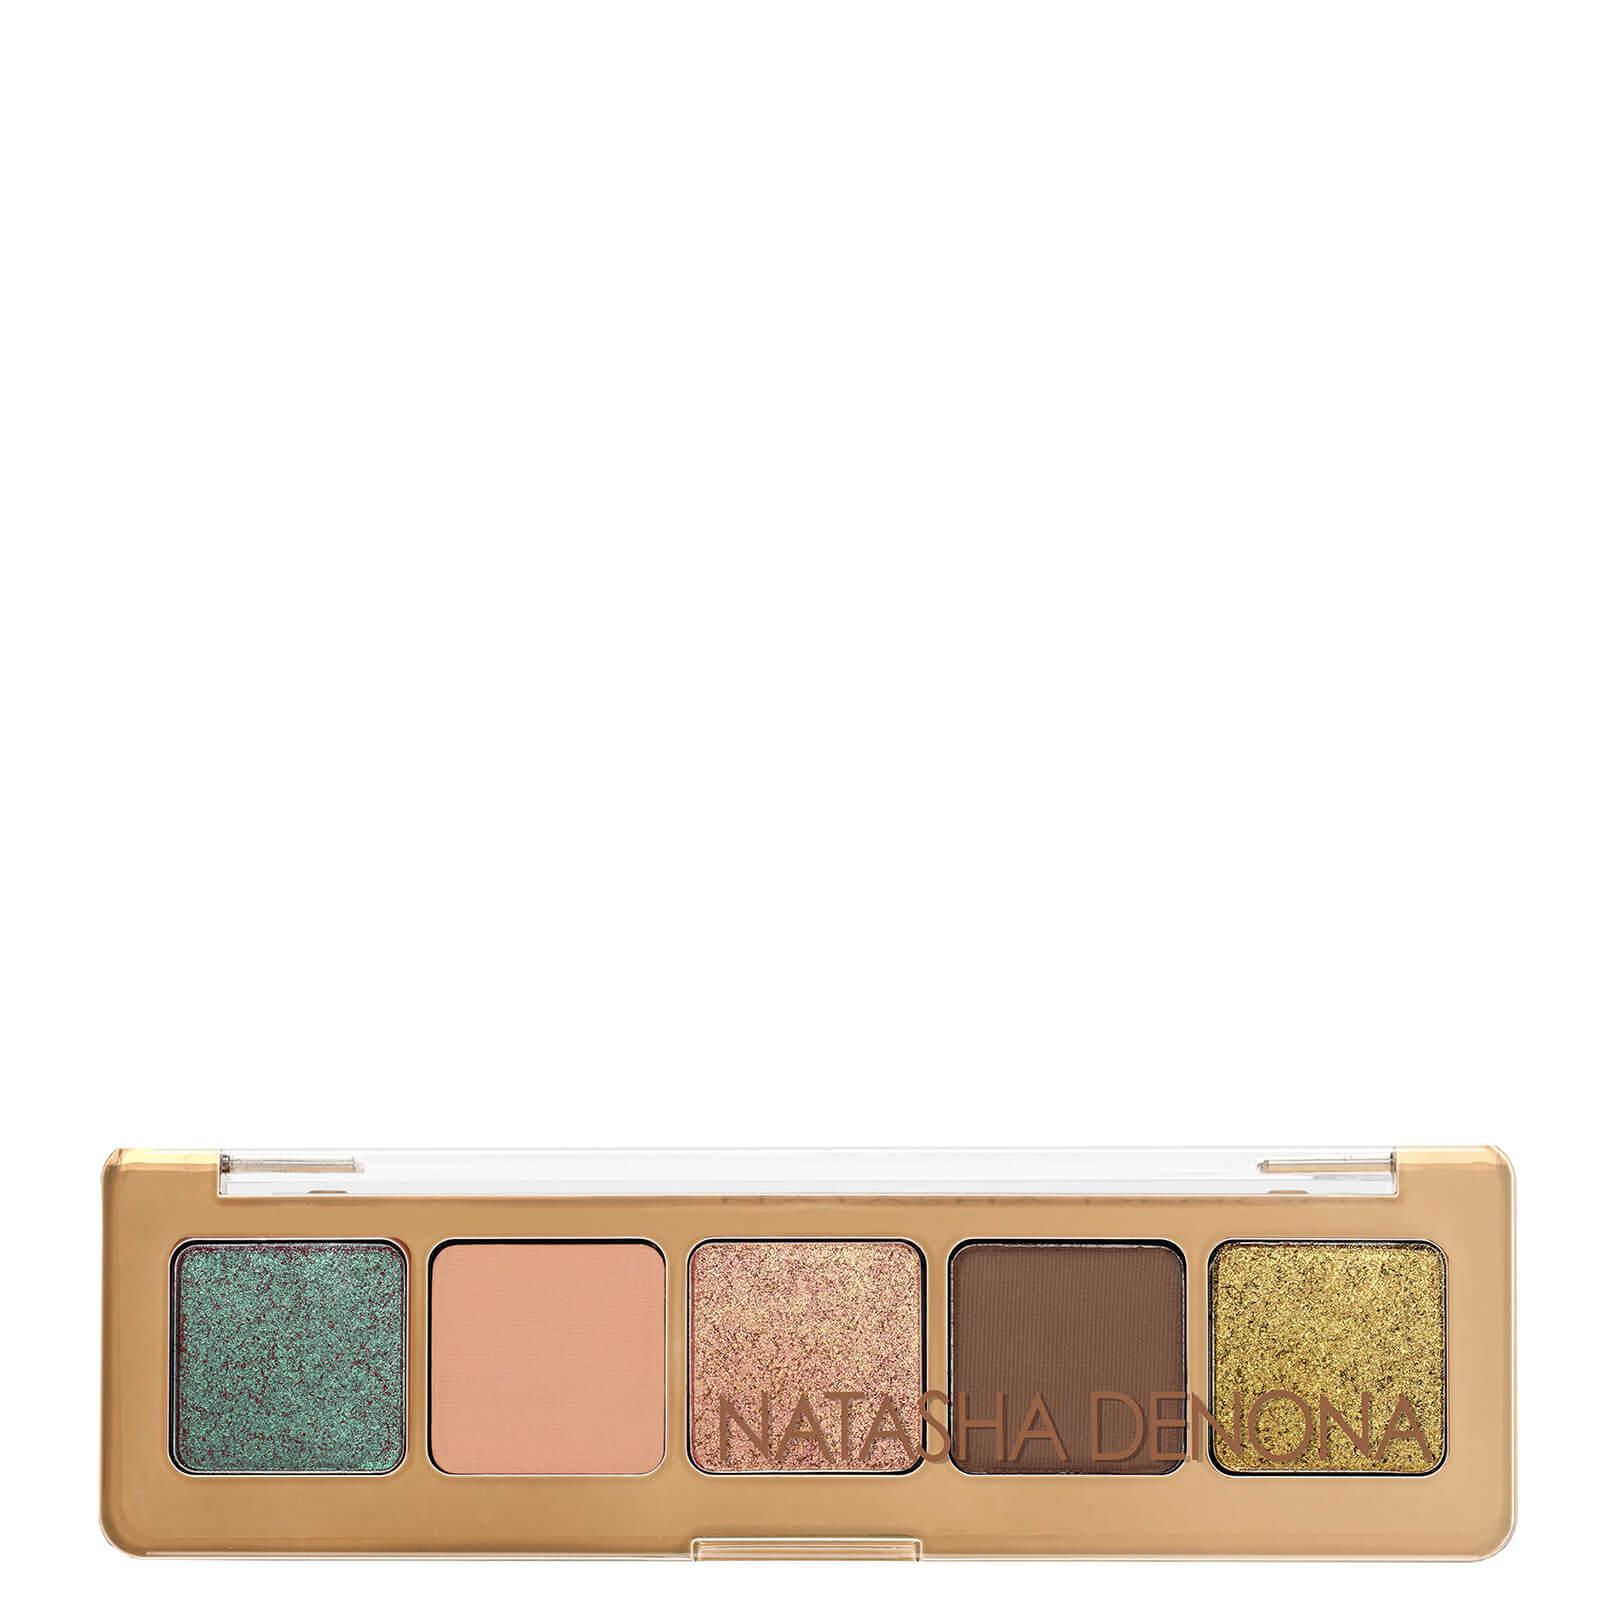 Купить Natasha Denona Mini Star Palette 4g